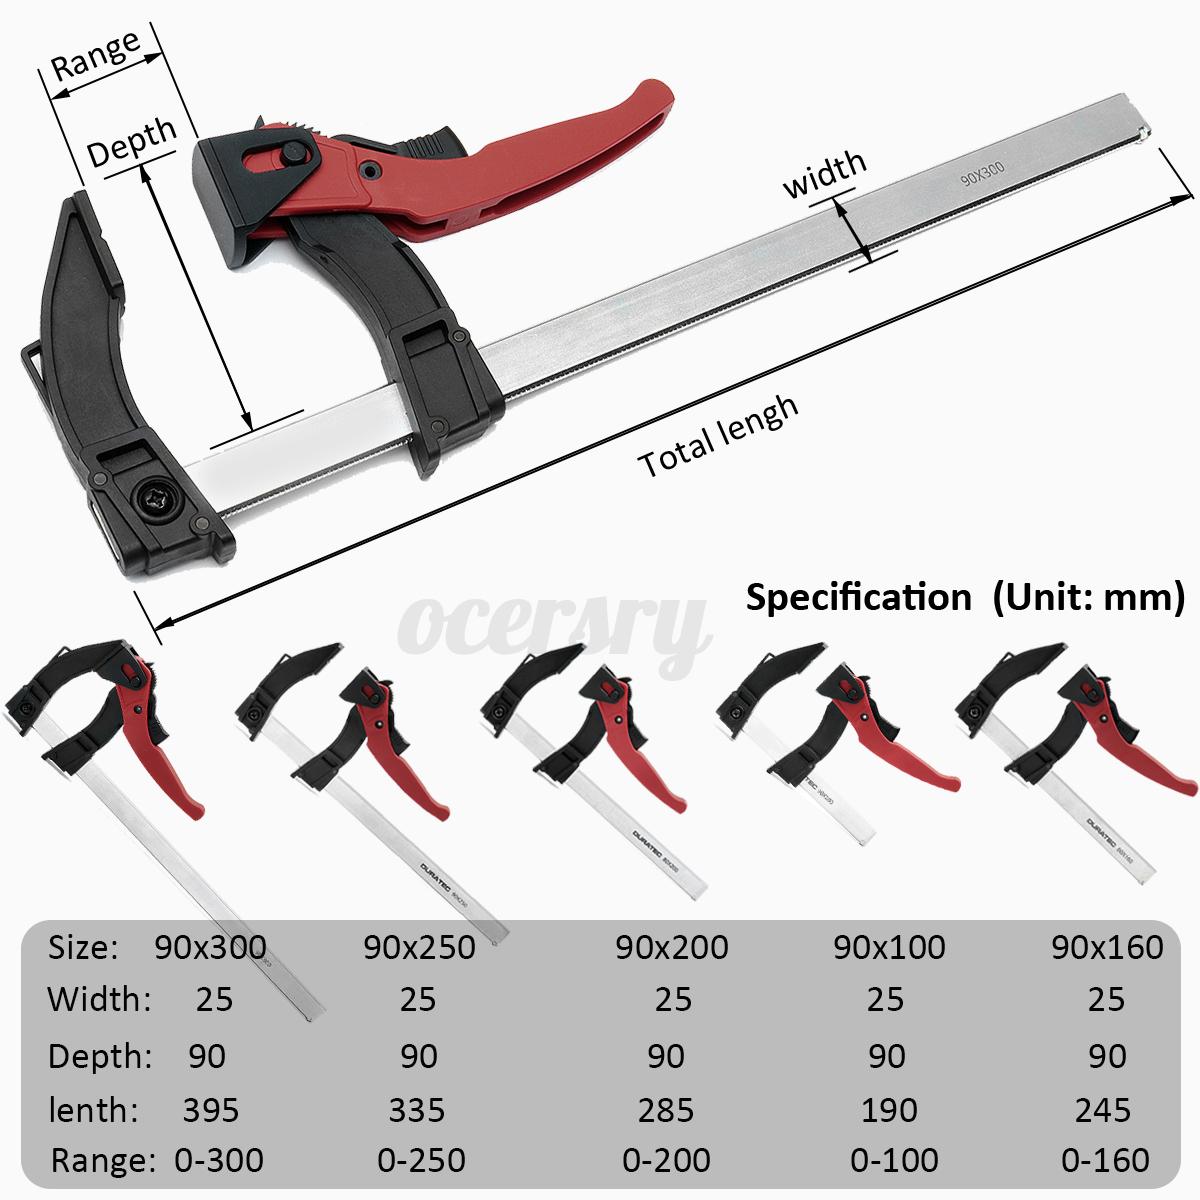 120-Griff-F-Klemme-Holzbearbeitung-Schraubzwinge-Handwerkzeug-100-300mm-Klemme Indexbild 11